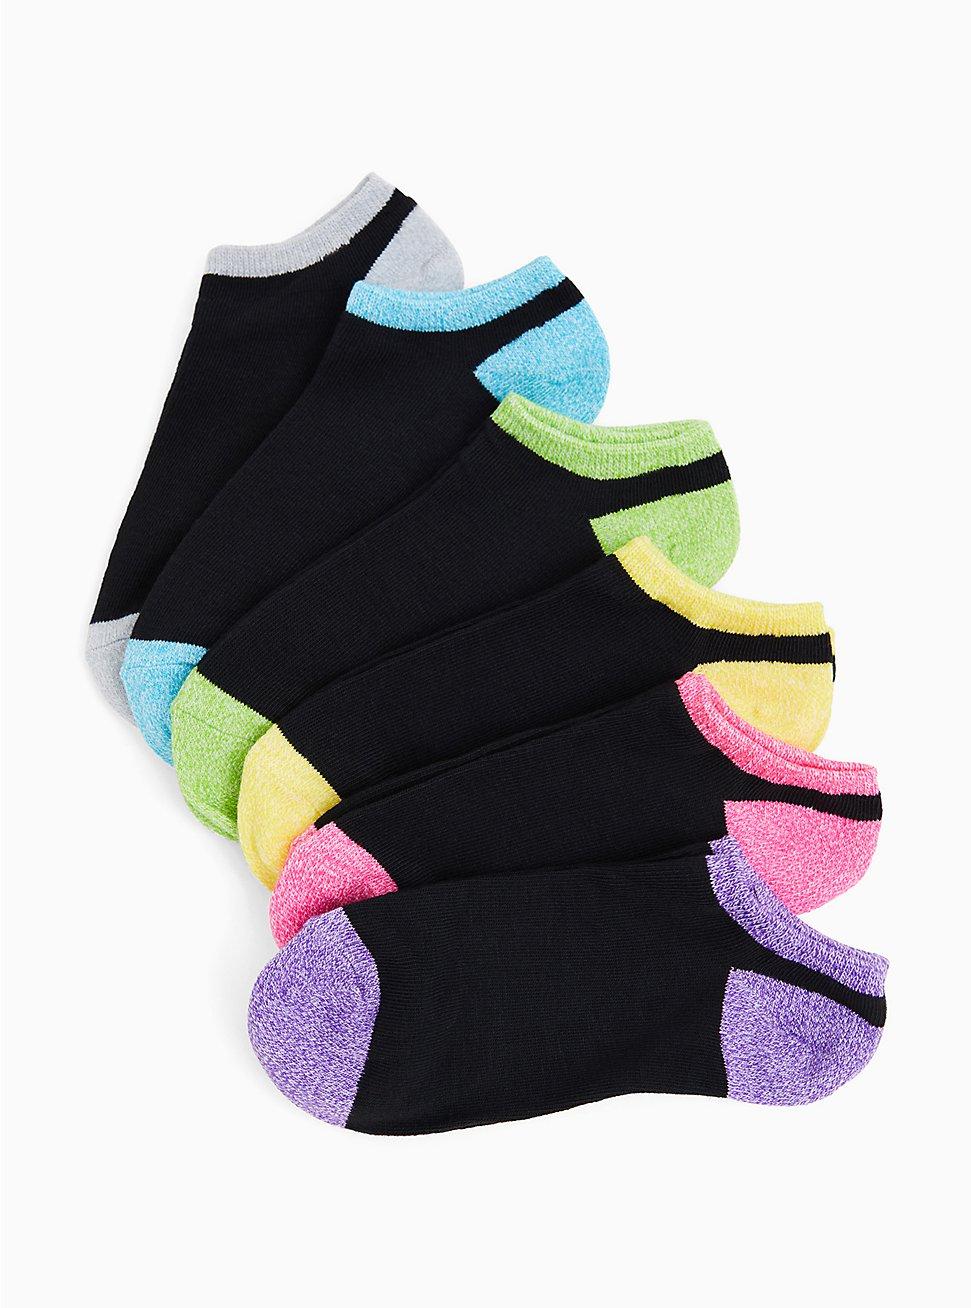 Black & Color Toe Ankle Socks Pack - Pack of 6, MULTI, hi-res